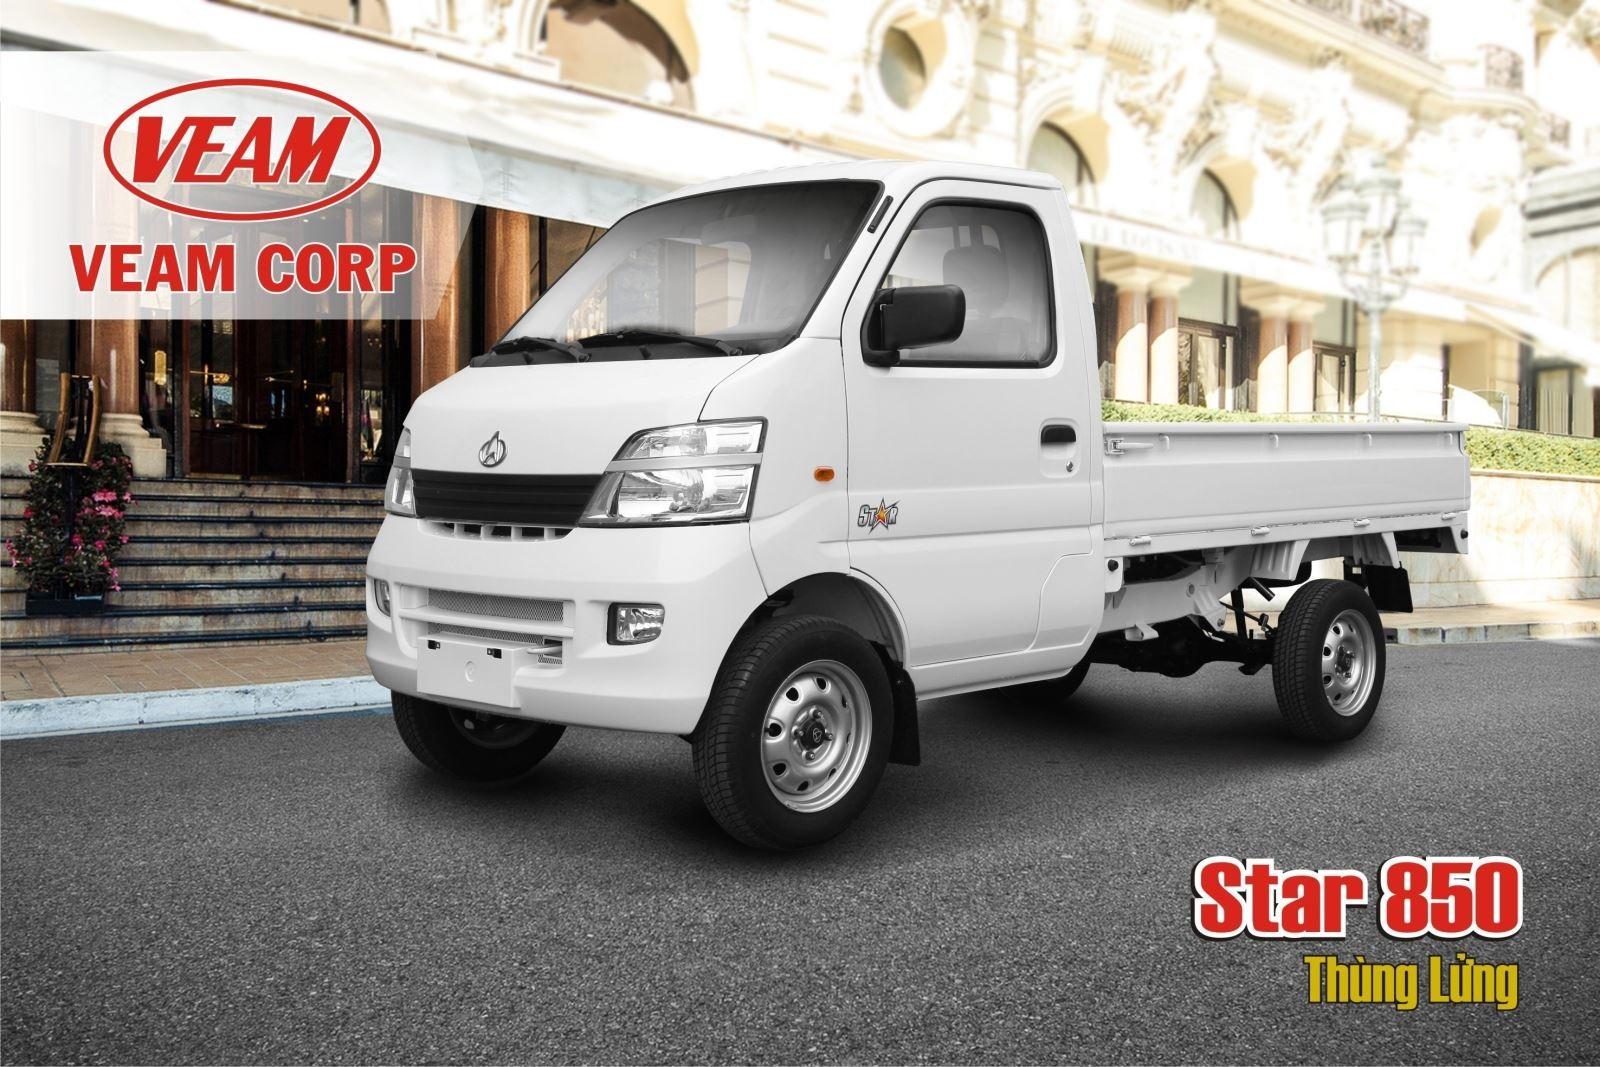 Cần bán xe tải veam tải nhỏ 820kg thùng kín - Bán xe tải veam star 820kg thùng kín đời 2016 giá rẻ